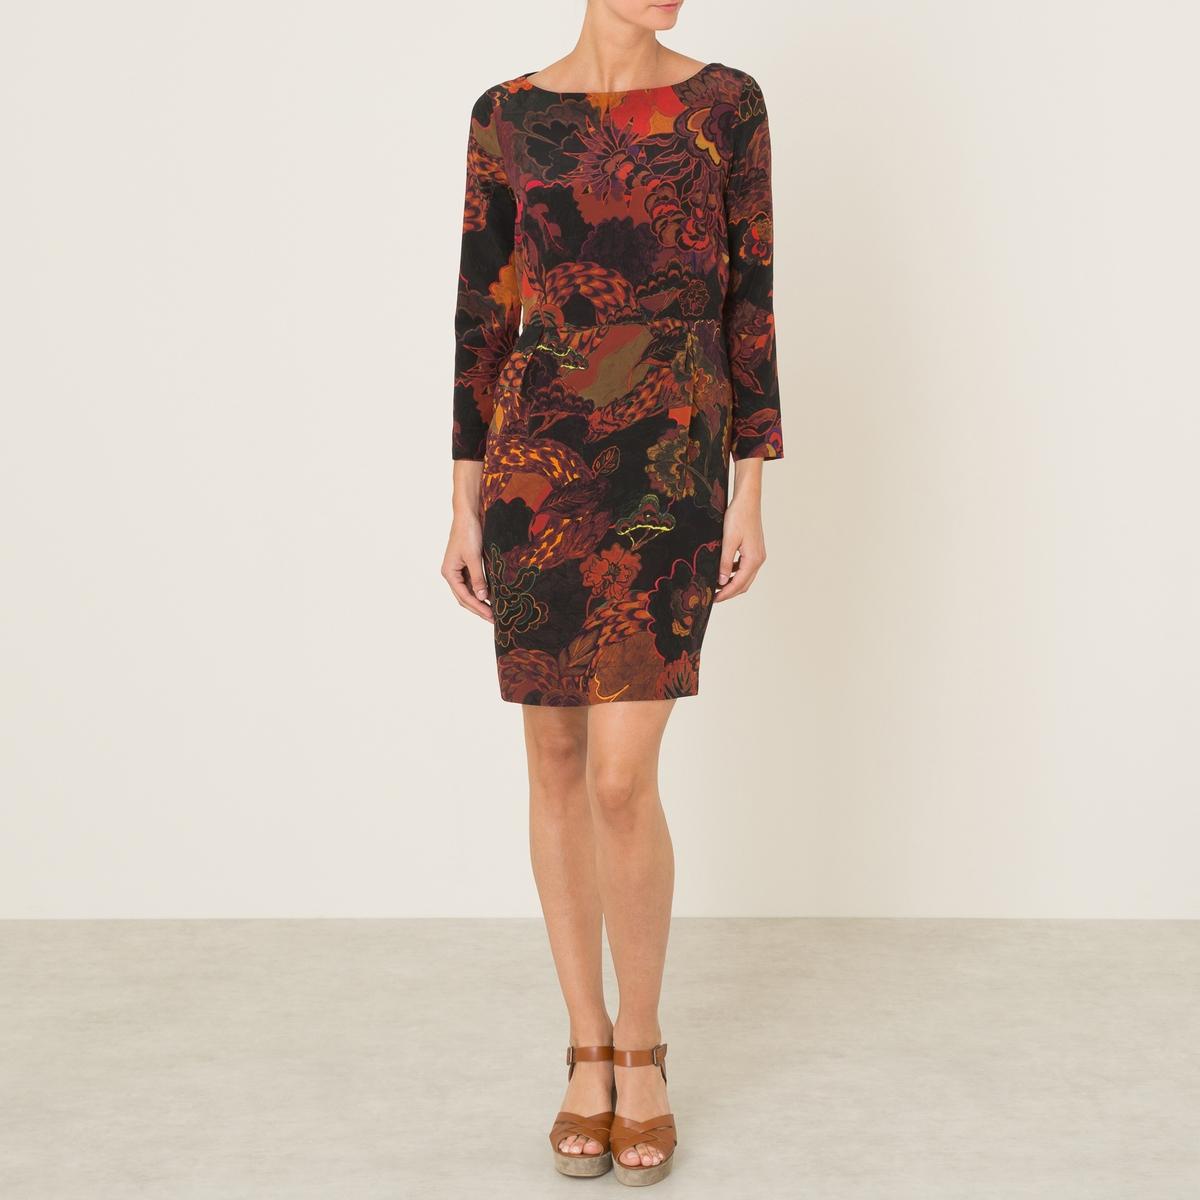 Платье APOLLOПлатье MOMONI - модель APPOLO. Из крепа со сплошным рисунком. Вырез-лодочка. Длинные рукава. Складки внутрь под линией талии. Расклешенный низ. Состав и описание Материал : 100% шелкМарка : MOMONI<br><br>Цвет: кирпичный